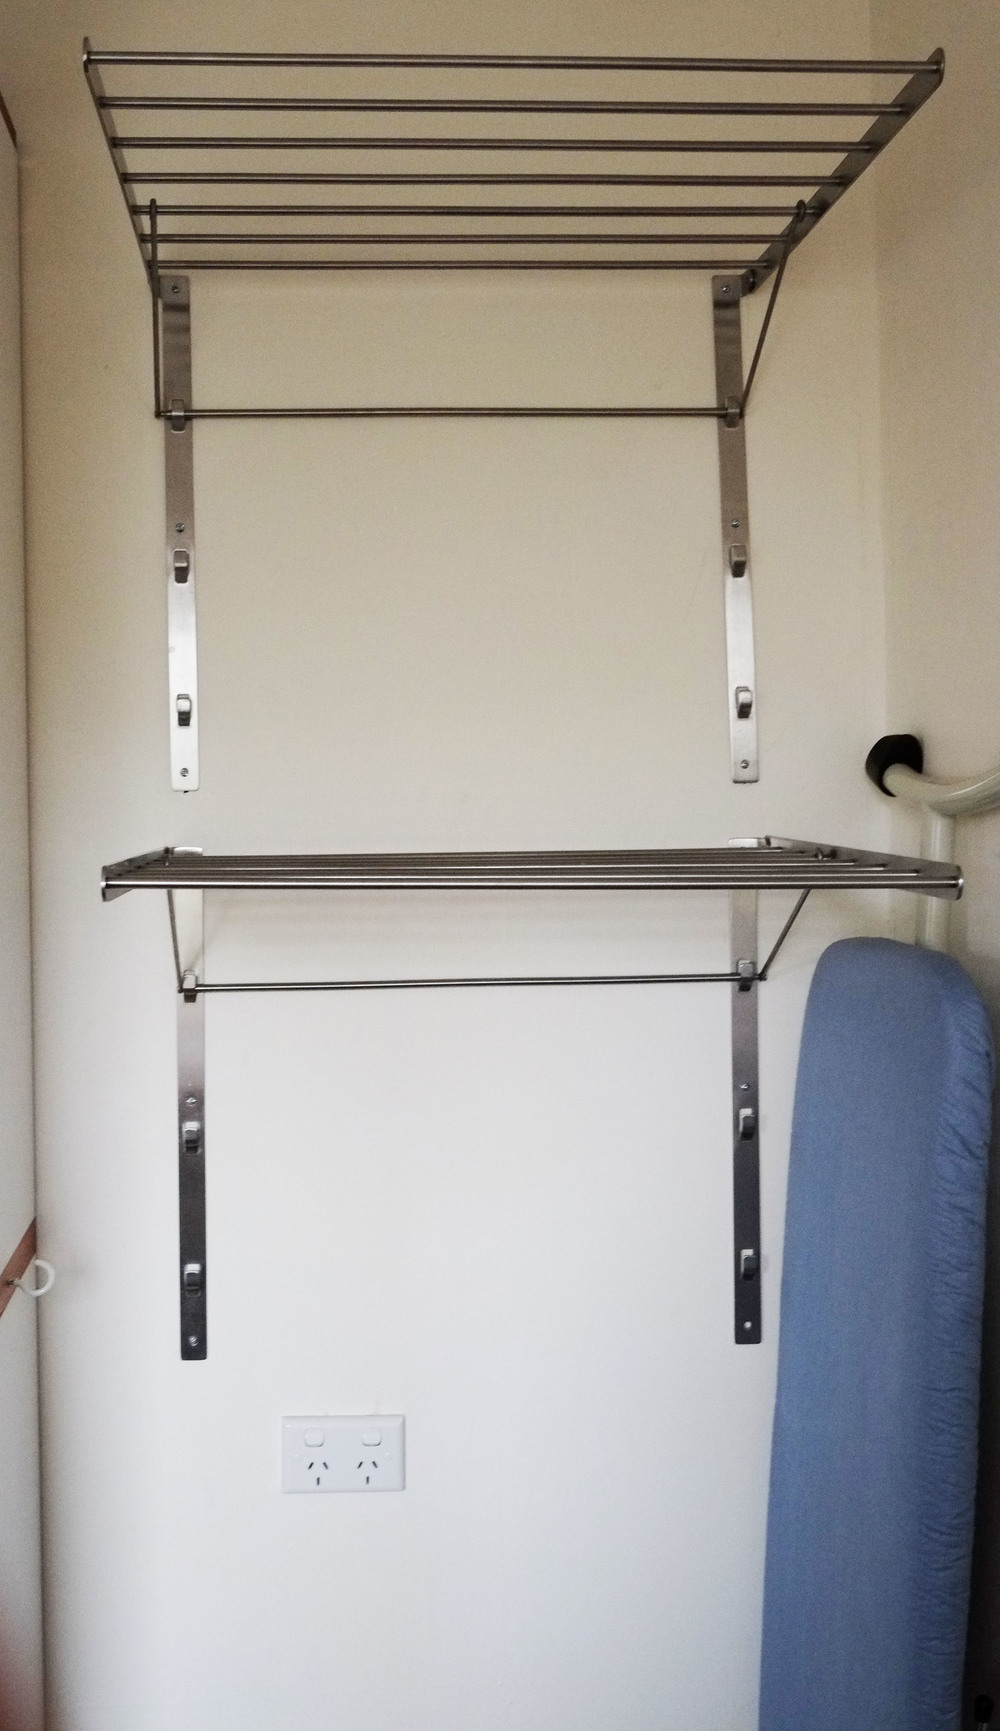 Hanging racks